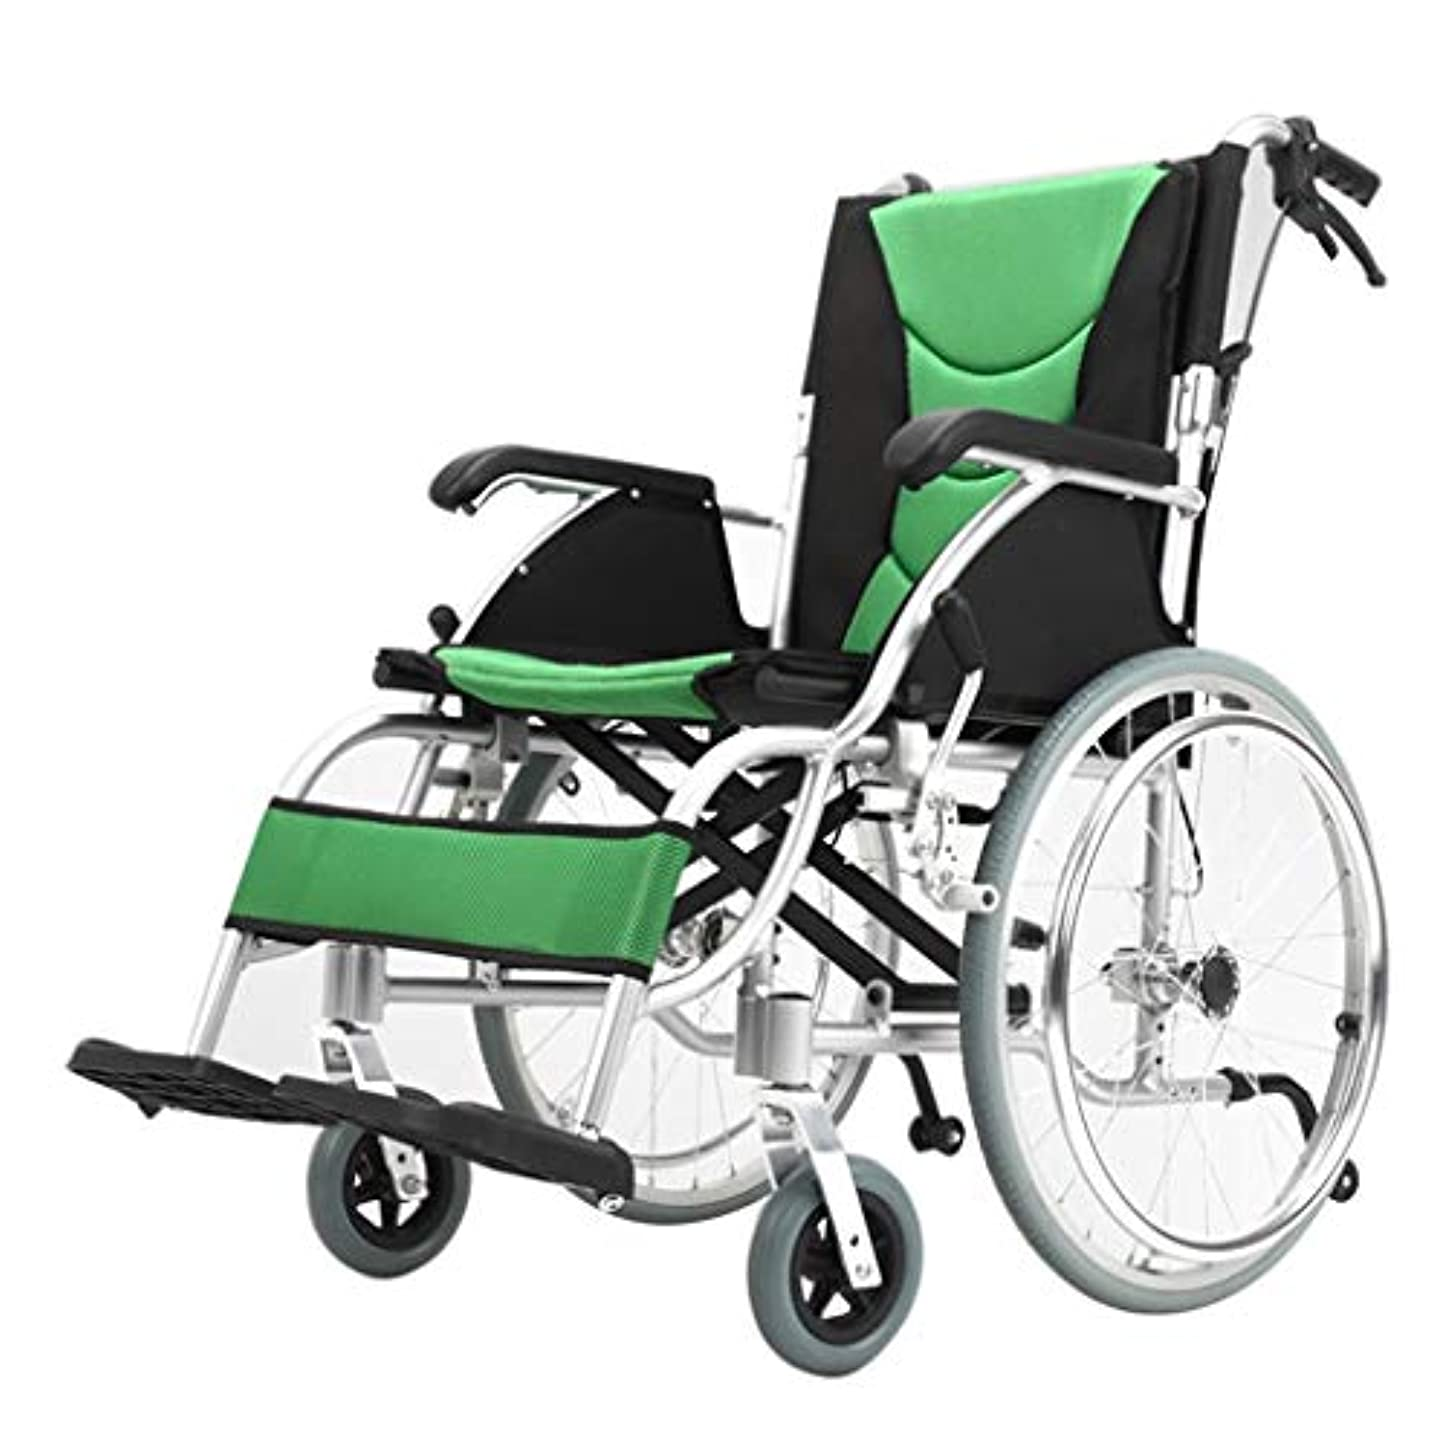 シート対象森車椅子折りたたみ軽量オールドカート、アルミ合金超軽量障害者旅行オールドスクーター、折りたたみ式背もたれ